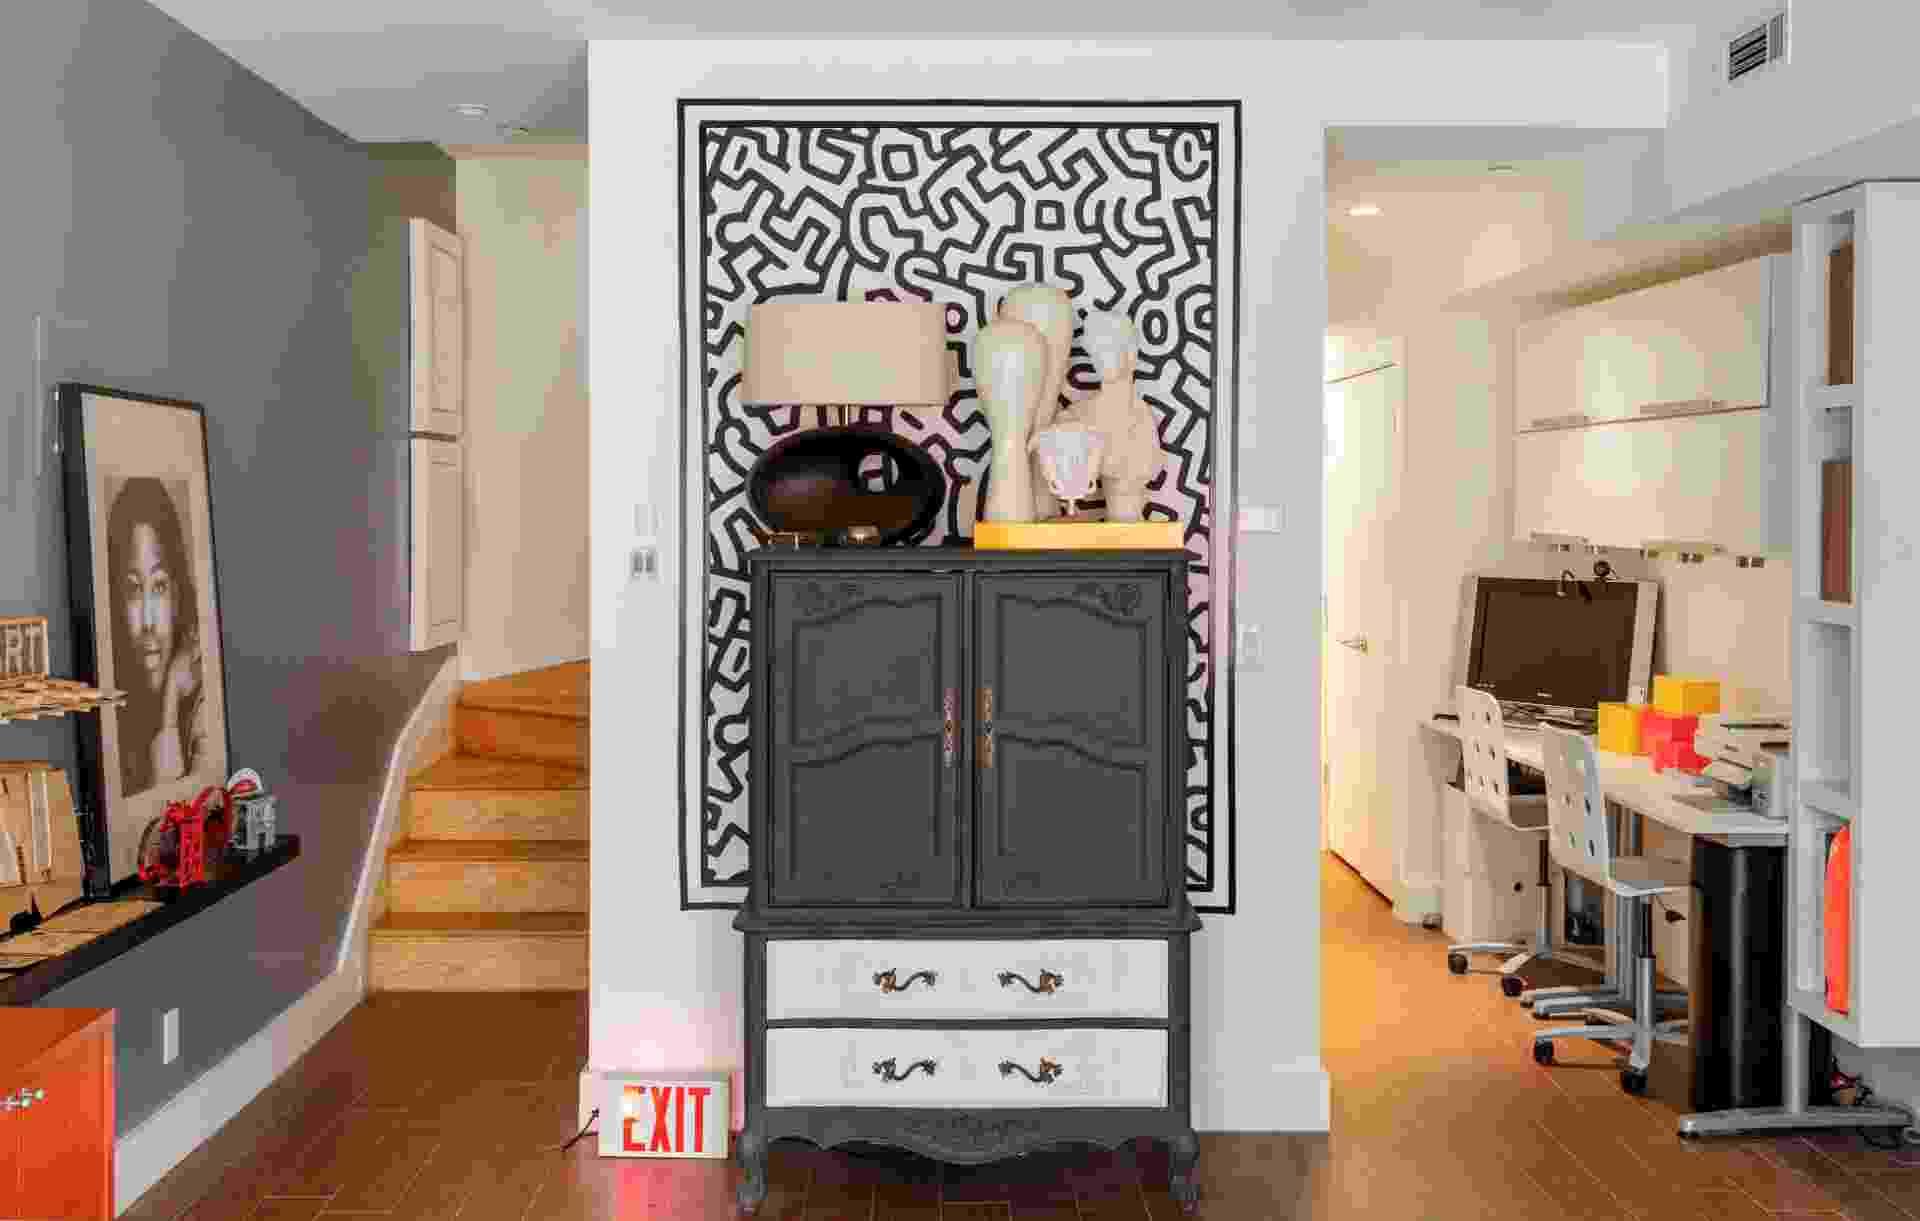 (Imagem do NYT, usar apenas no respectivo material) Os adesivos baseados nos trabalhos de Keith Haring criam a ilusão de haver uma pintura real do artista sobre a parede. Destaque para a perfeita organização dos objetos no apartamento dos irmãos Evans - Trevor Tondro/The New York Times